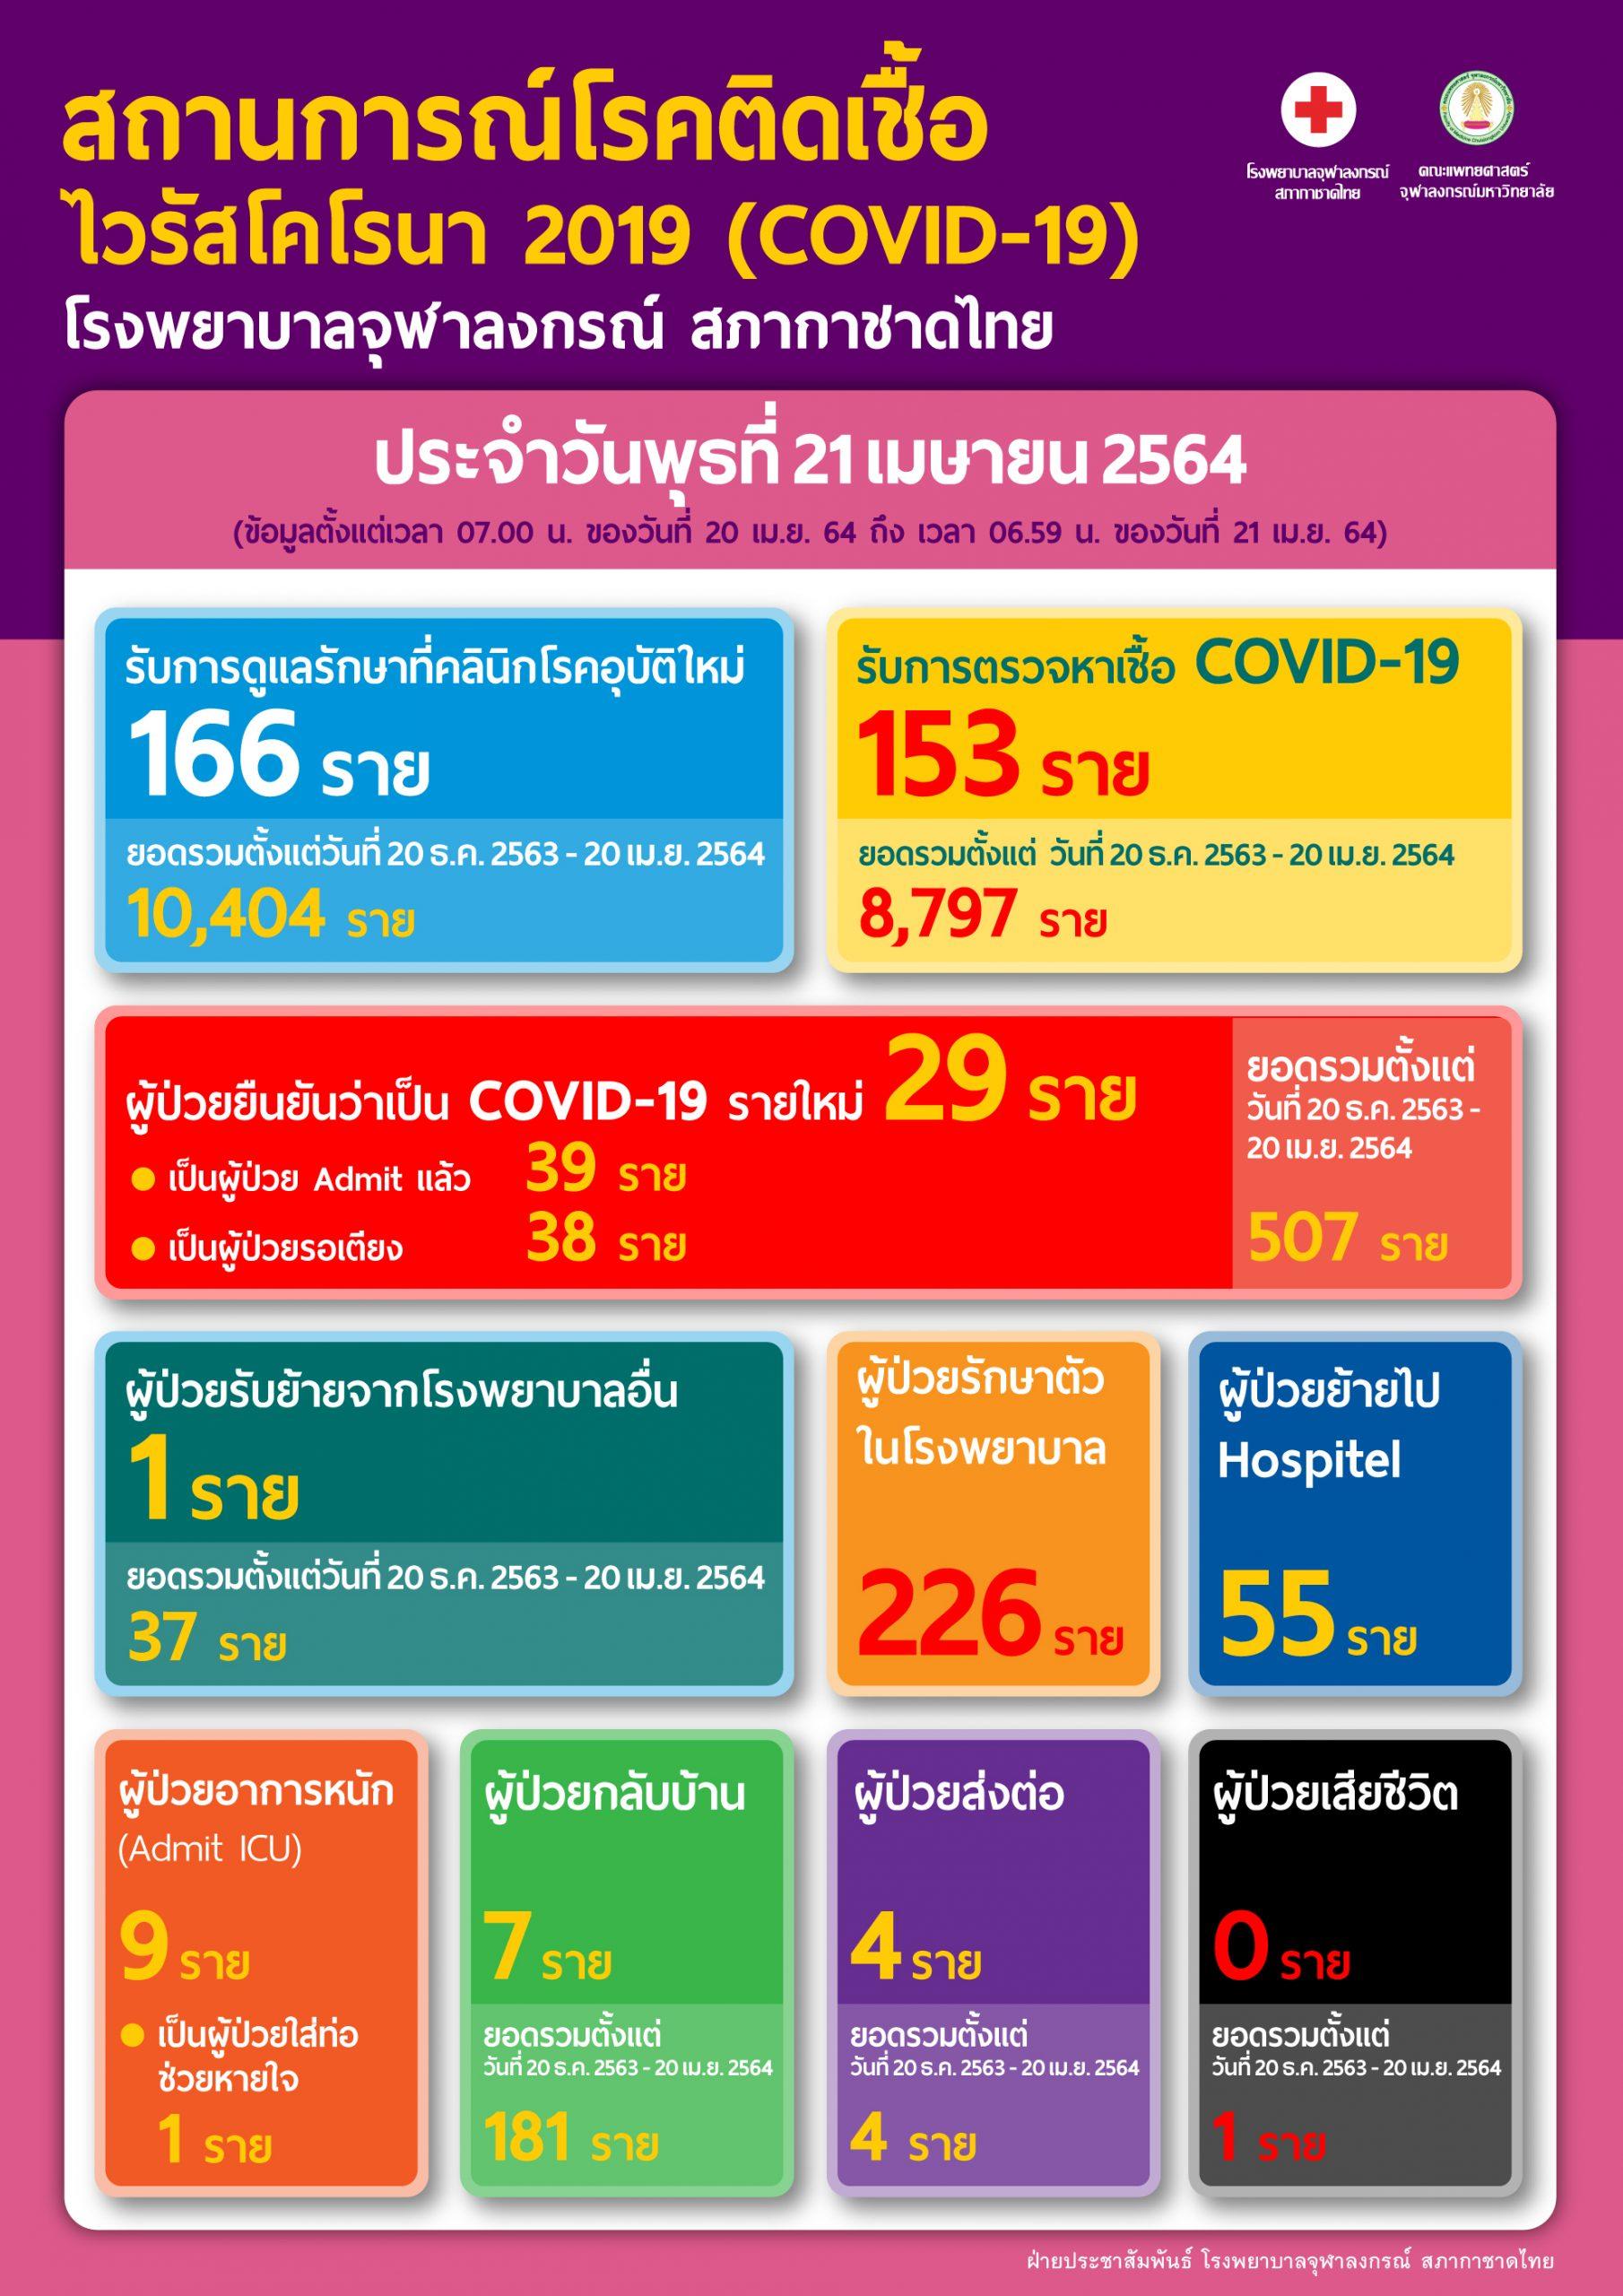 สถานการณ์โรคติดเชื้อ ไวรัสโคโรนา 2019 (COVID-19) โรงพยาบาลจุฬาลงกรณ์ สภากาชาดไทย ประจำวันพุธที่ 21 เมษายน 2564